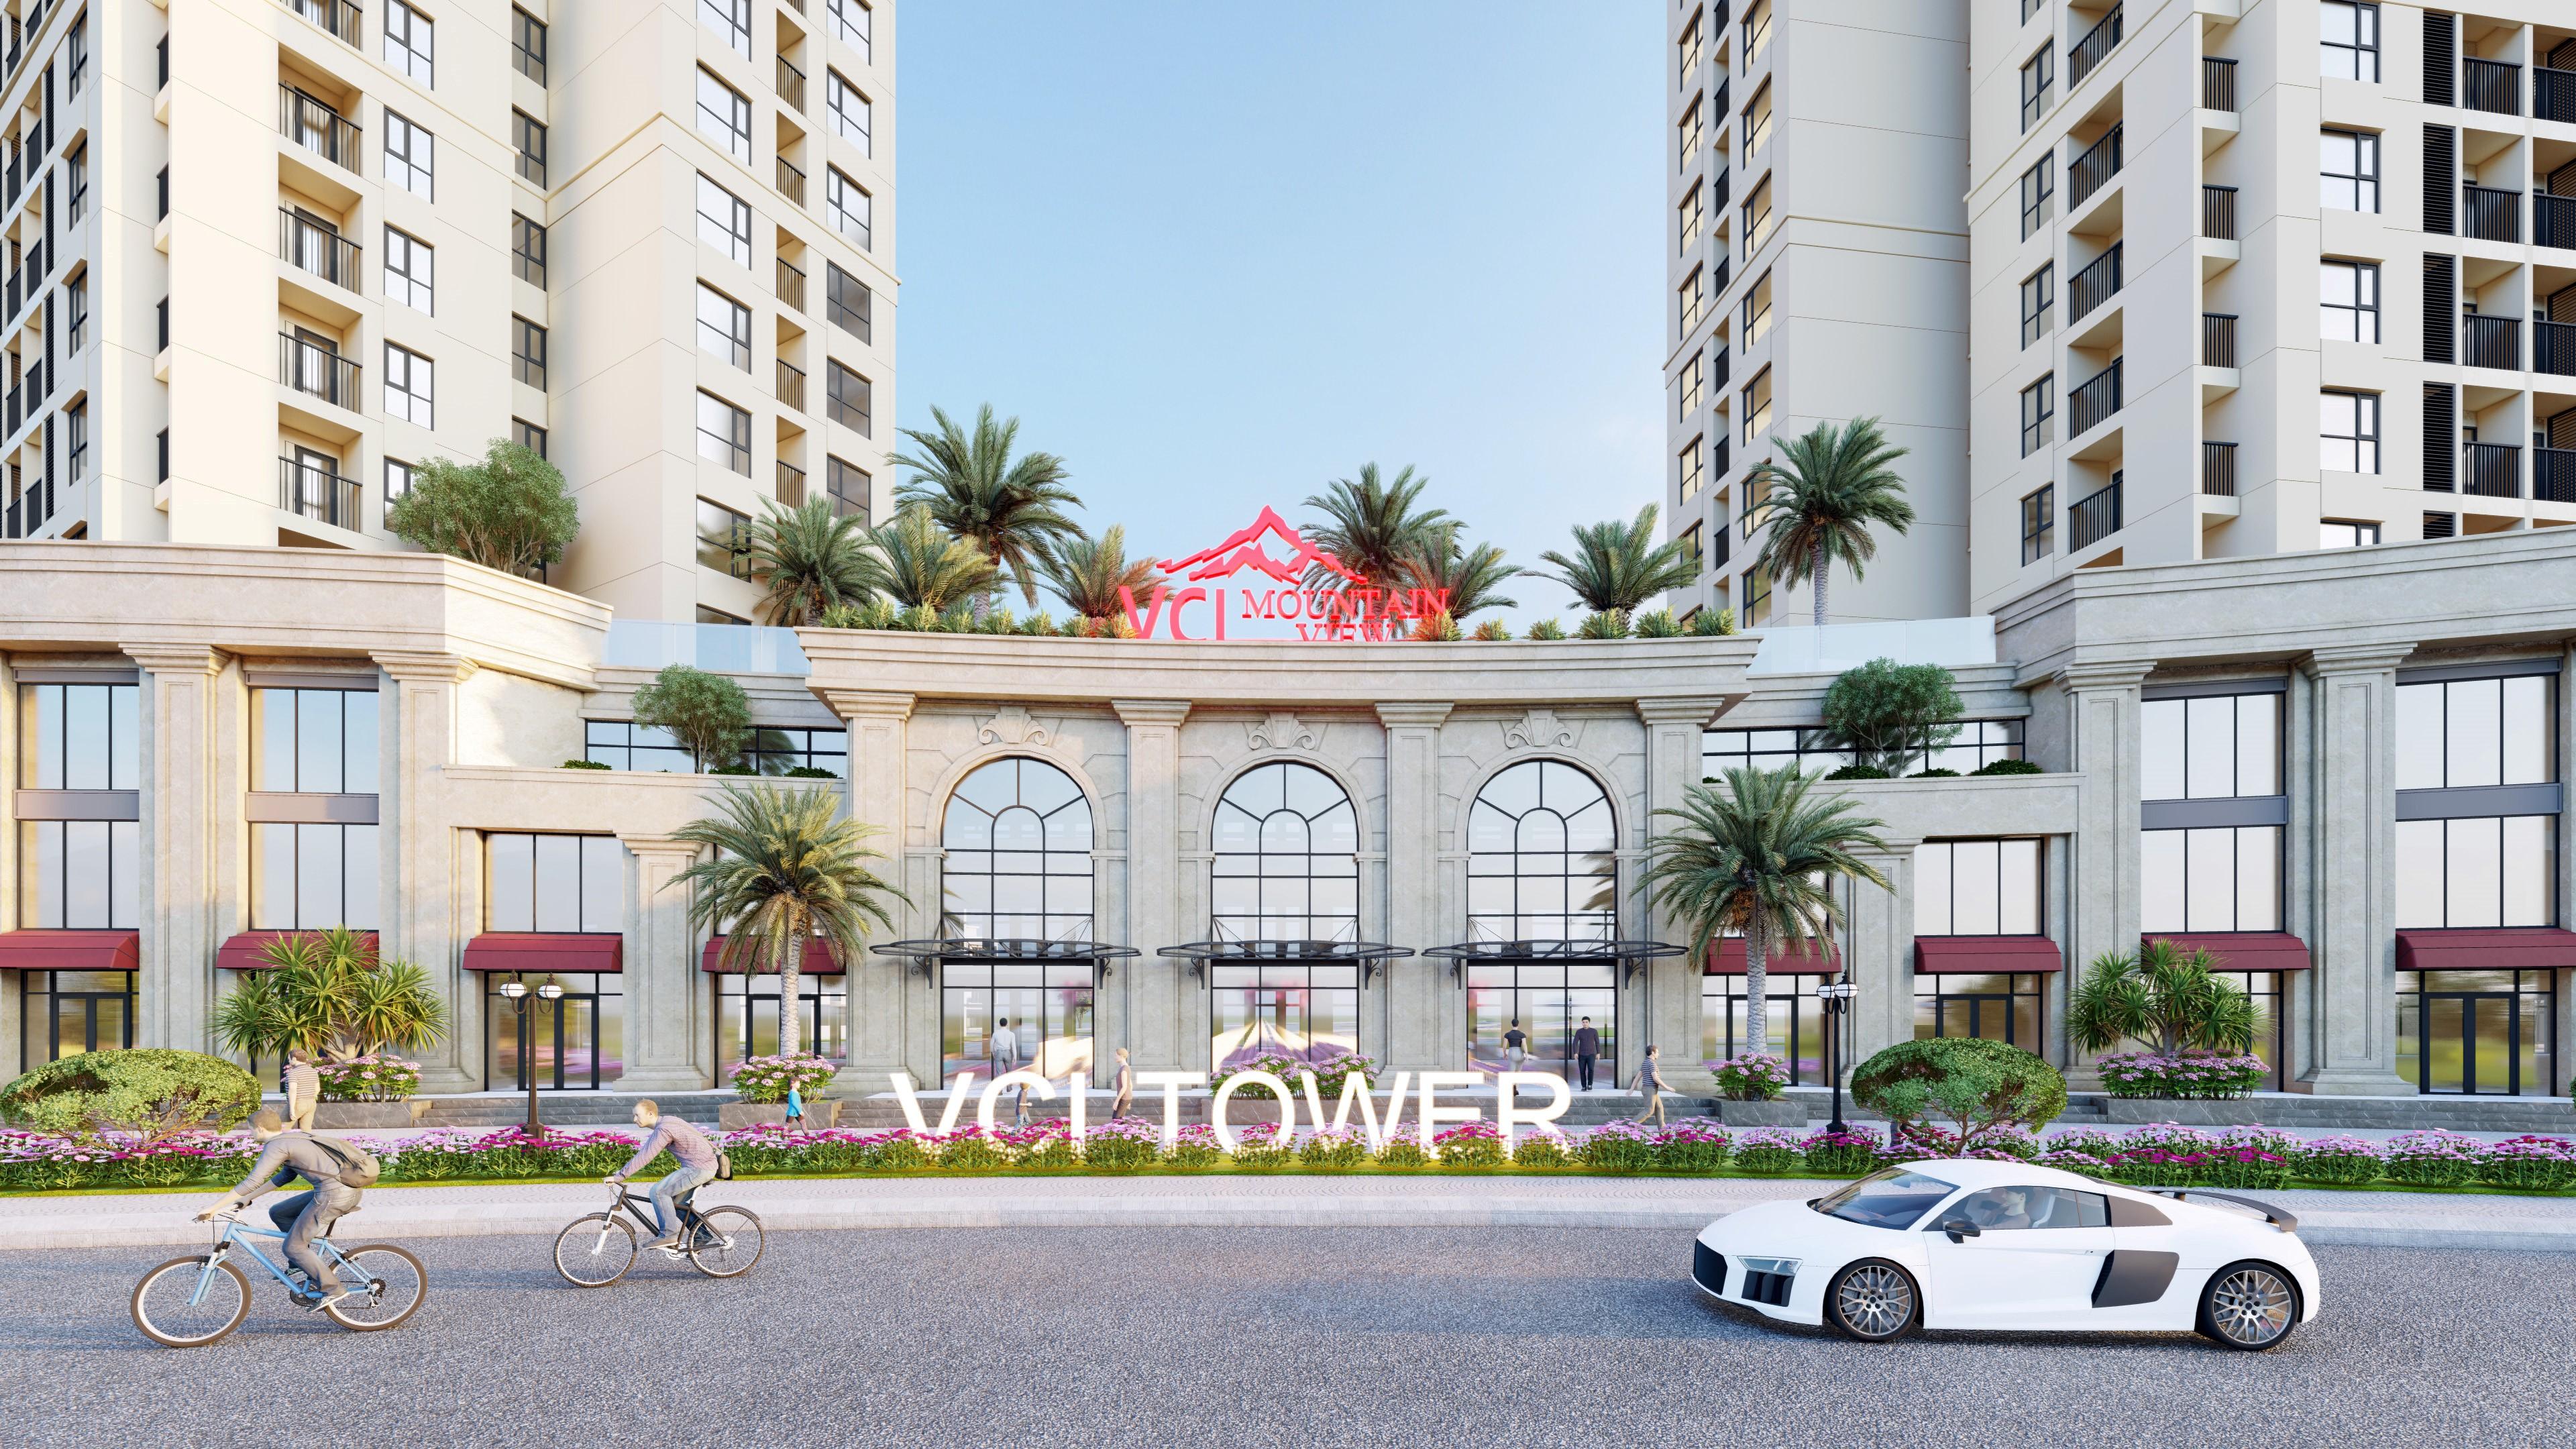 Đất Xanh Miền Bắc độc quyền phân phối khối đế thương mại VCI Tower Vĩnh Yên - Ảnh 2